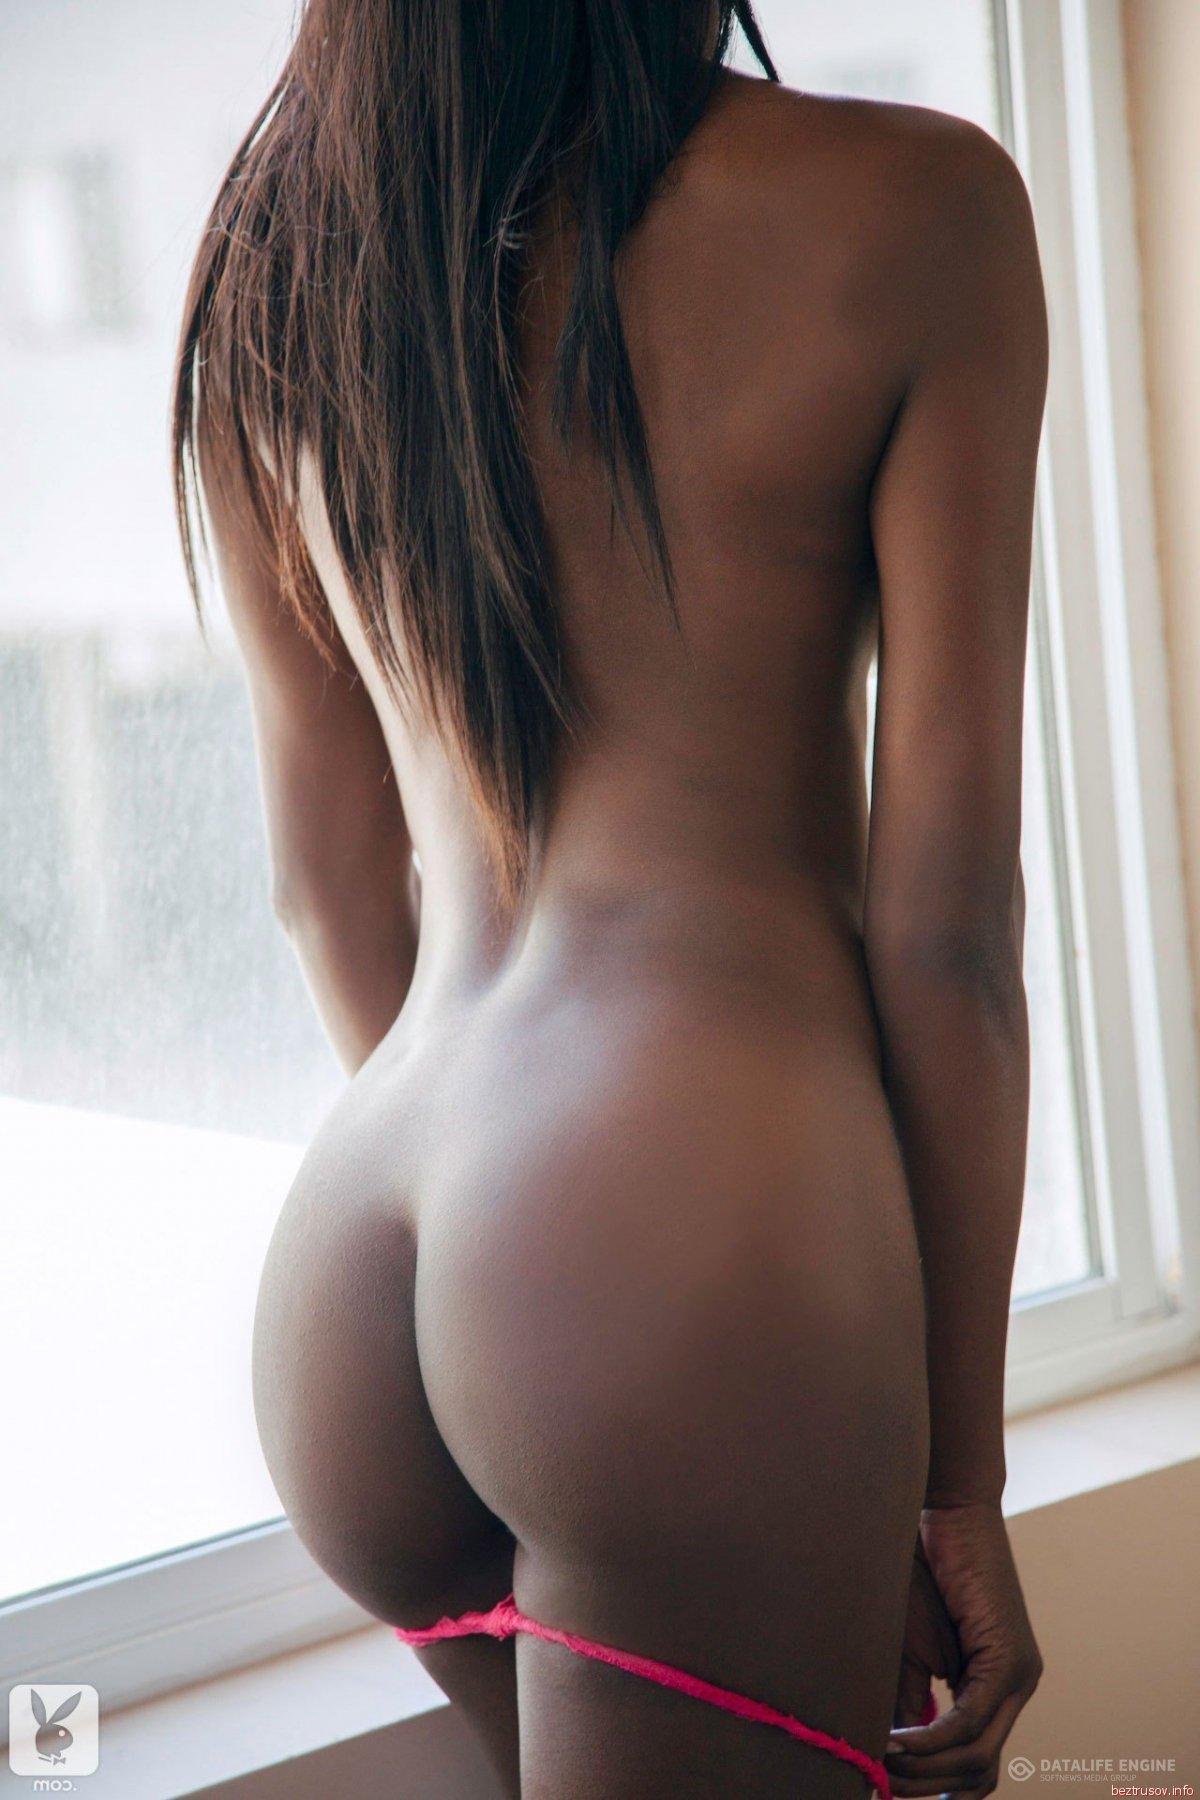 Голые негритянки и мулатки / Порно фото негритянок и мулаток